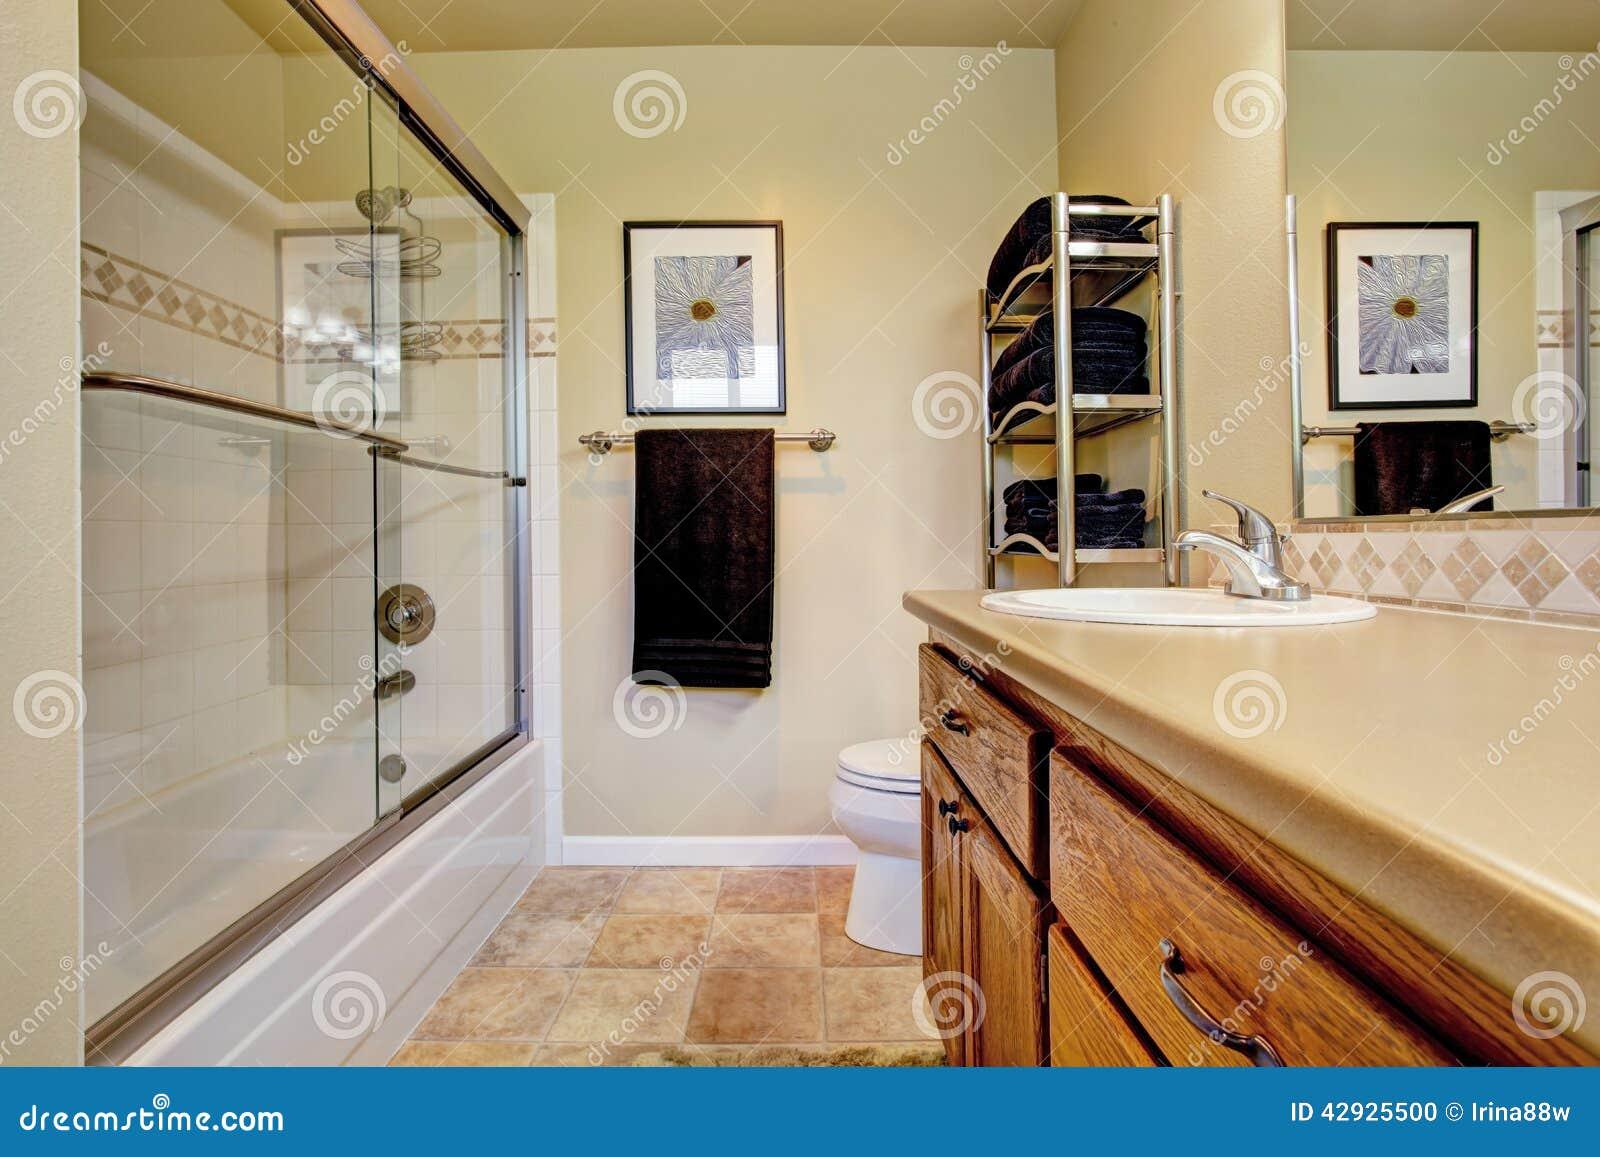 banheiro com cuba selecionada da vaidade armrio de madeira 42925500  #77401C 1300x957 Armario Banheiro Com Cuba